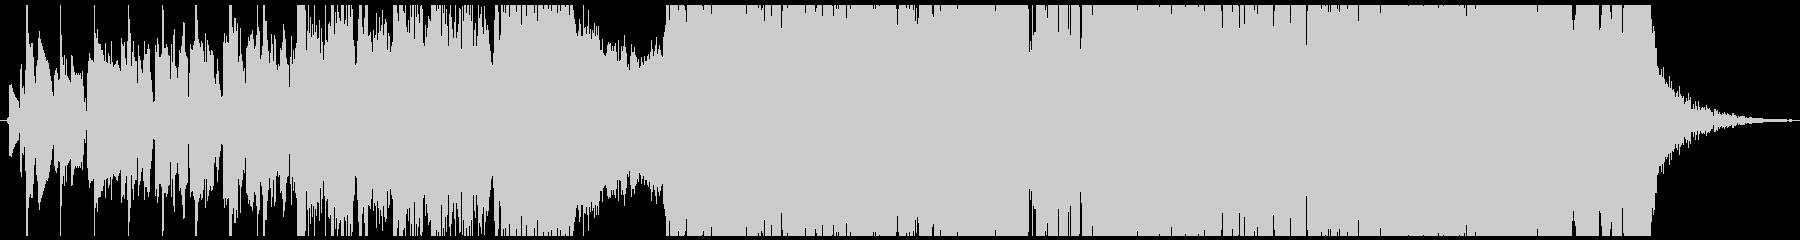 メタル インディーズ ロック ポッ...の未再生の波形